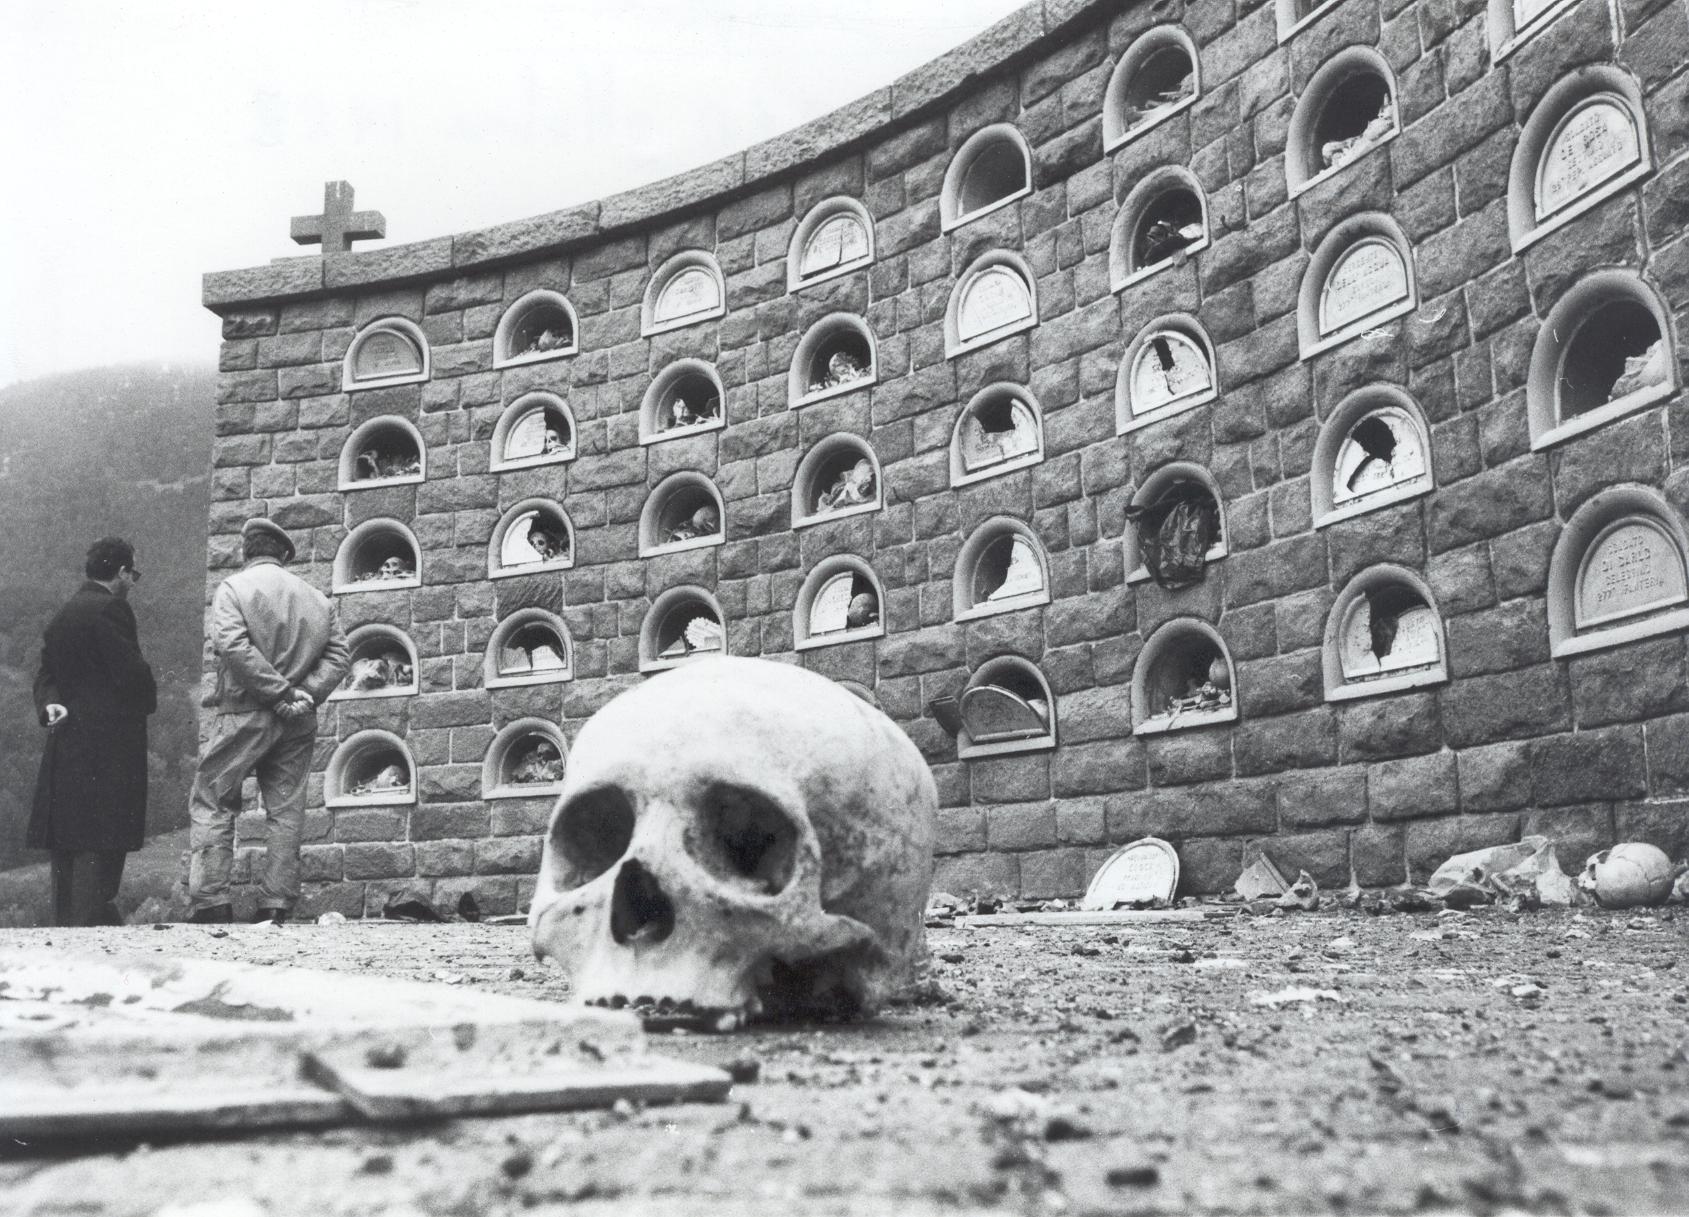 Ossario_di_Burgusio_-_Attentato_terroristico_del_10_ottobre_1982